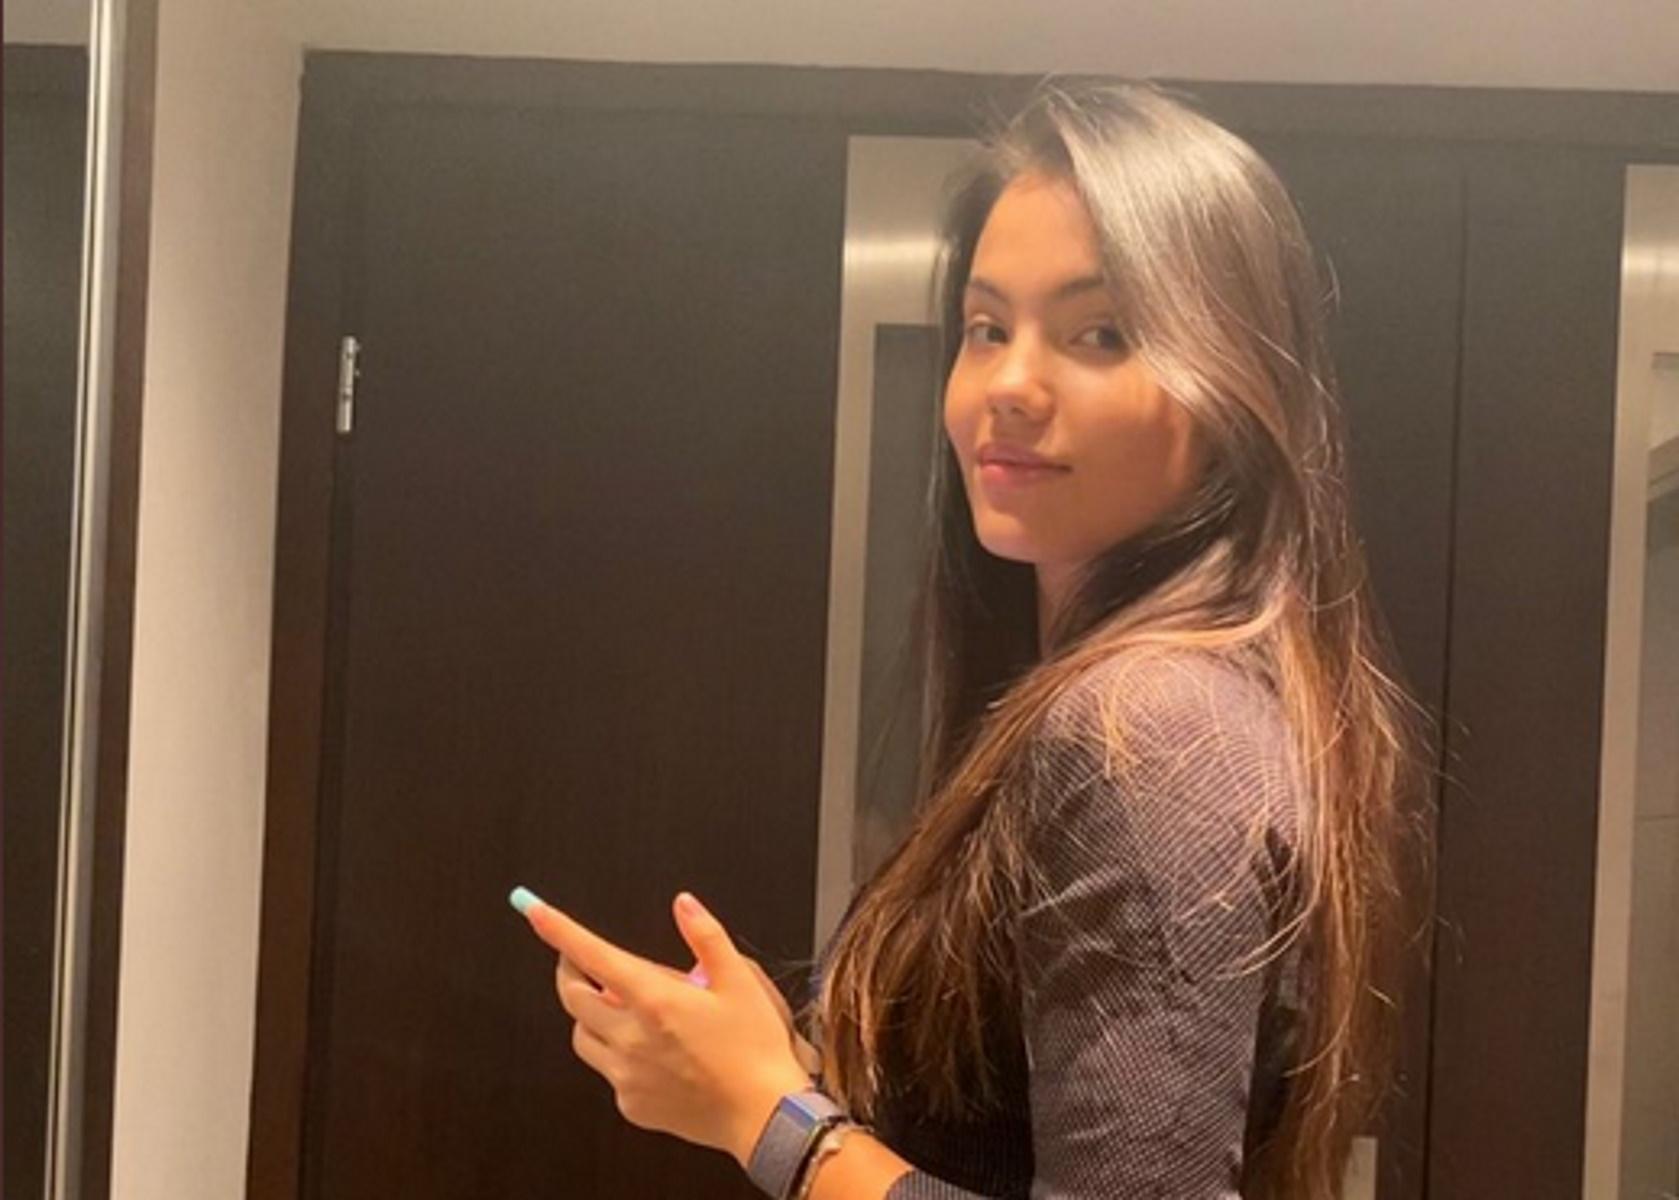 Έμα Ραντουκάνου: Η 18χρονη που αποσύρθηκε από το Wimbledon λόγω κρίσης πανικού